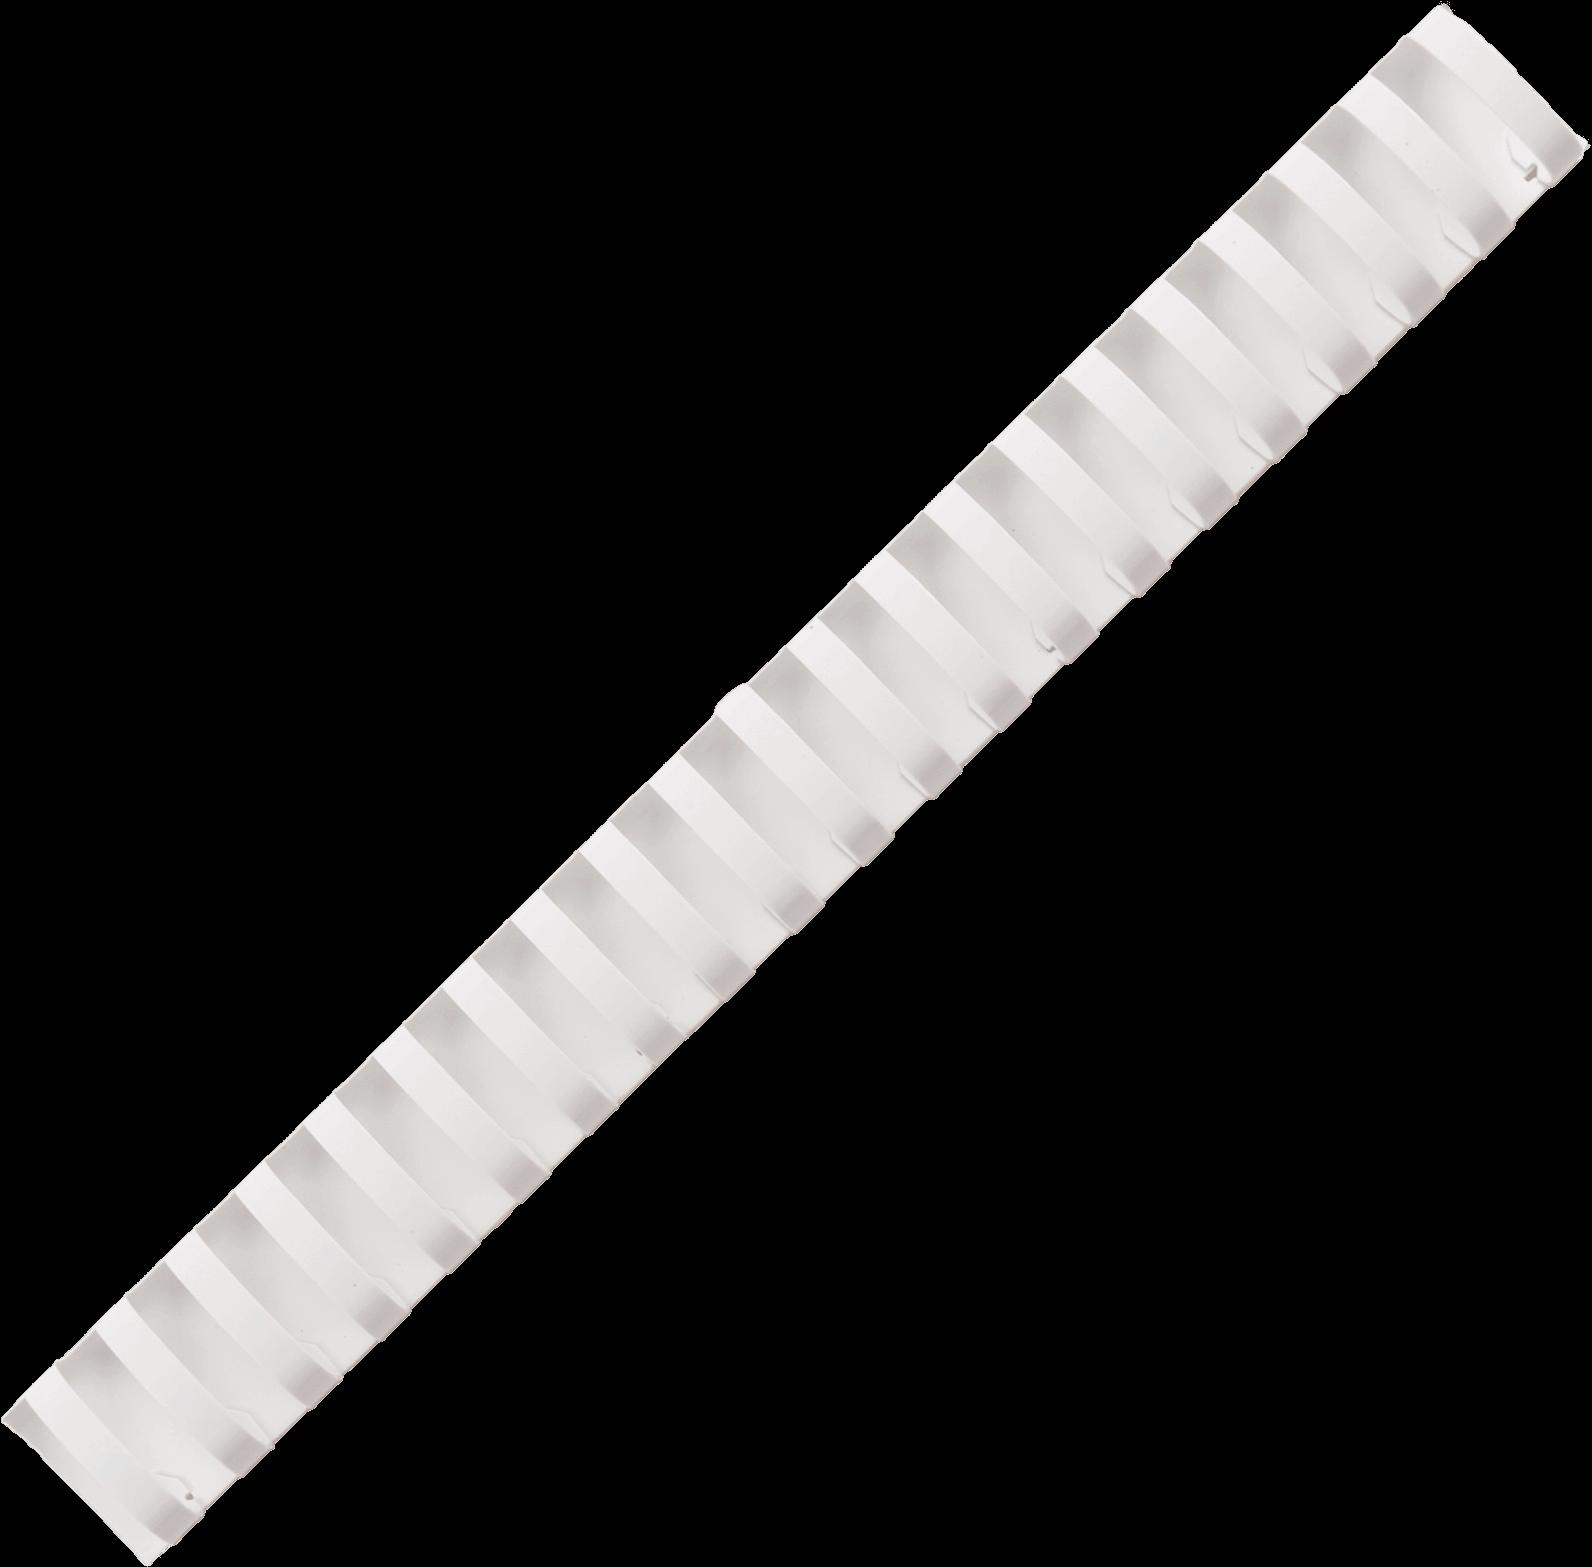 สันห่วงพลาสติก TMP 32 มม. สีขาว